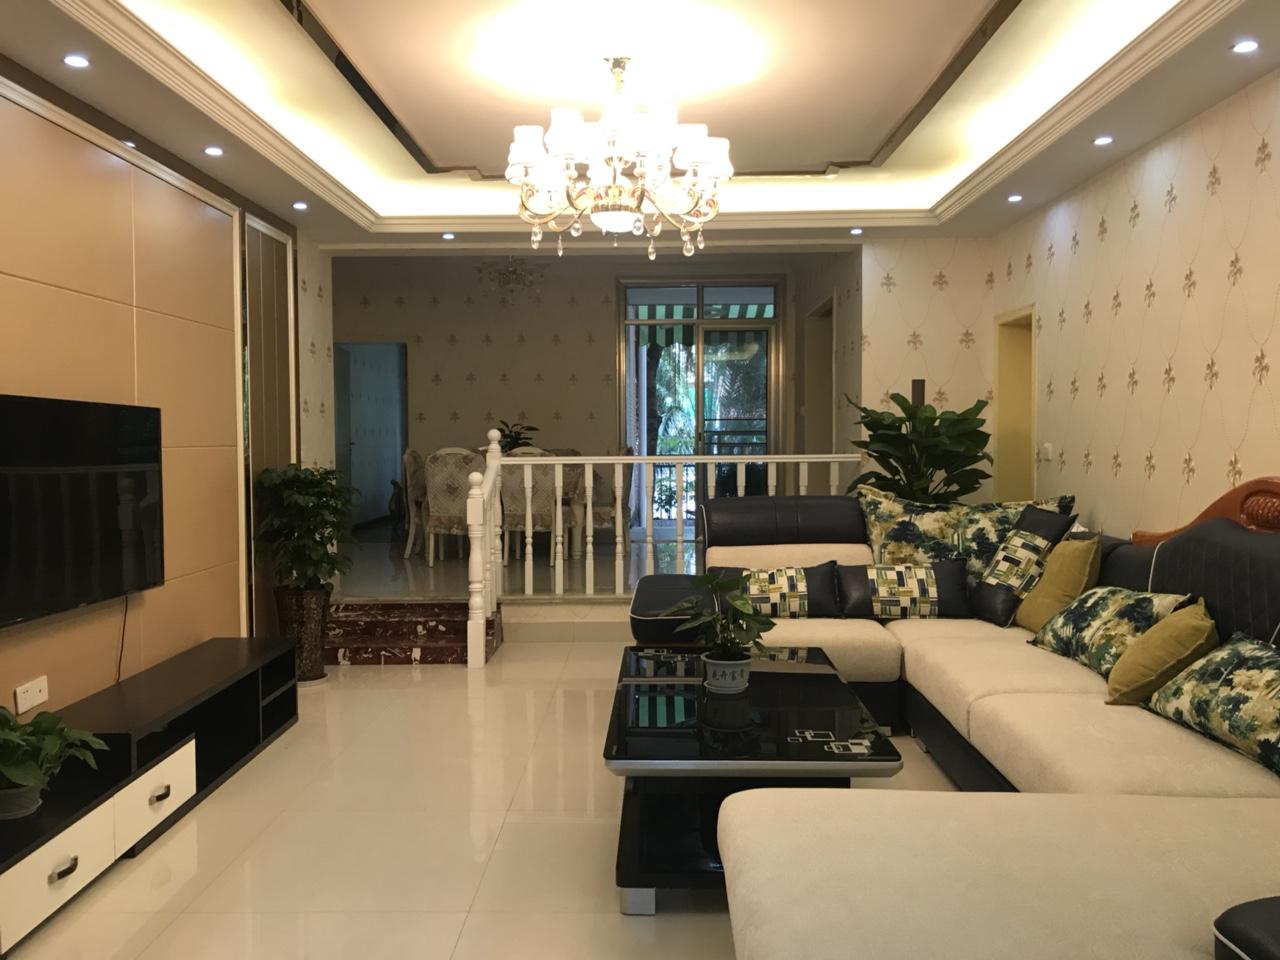 丽都滨河一期一楼带花园3室2厅2卫98万元